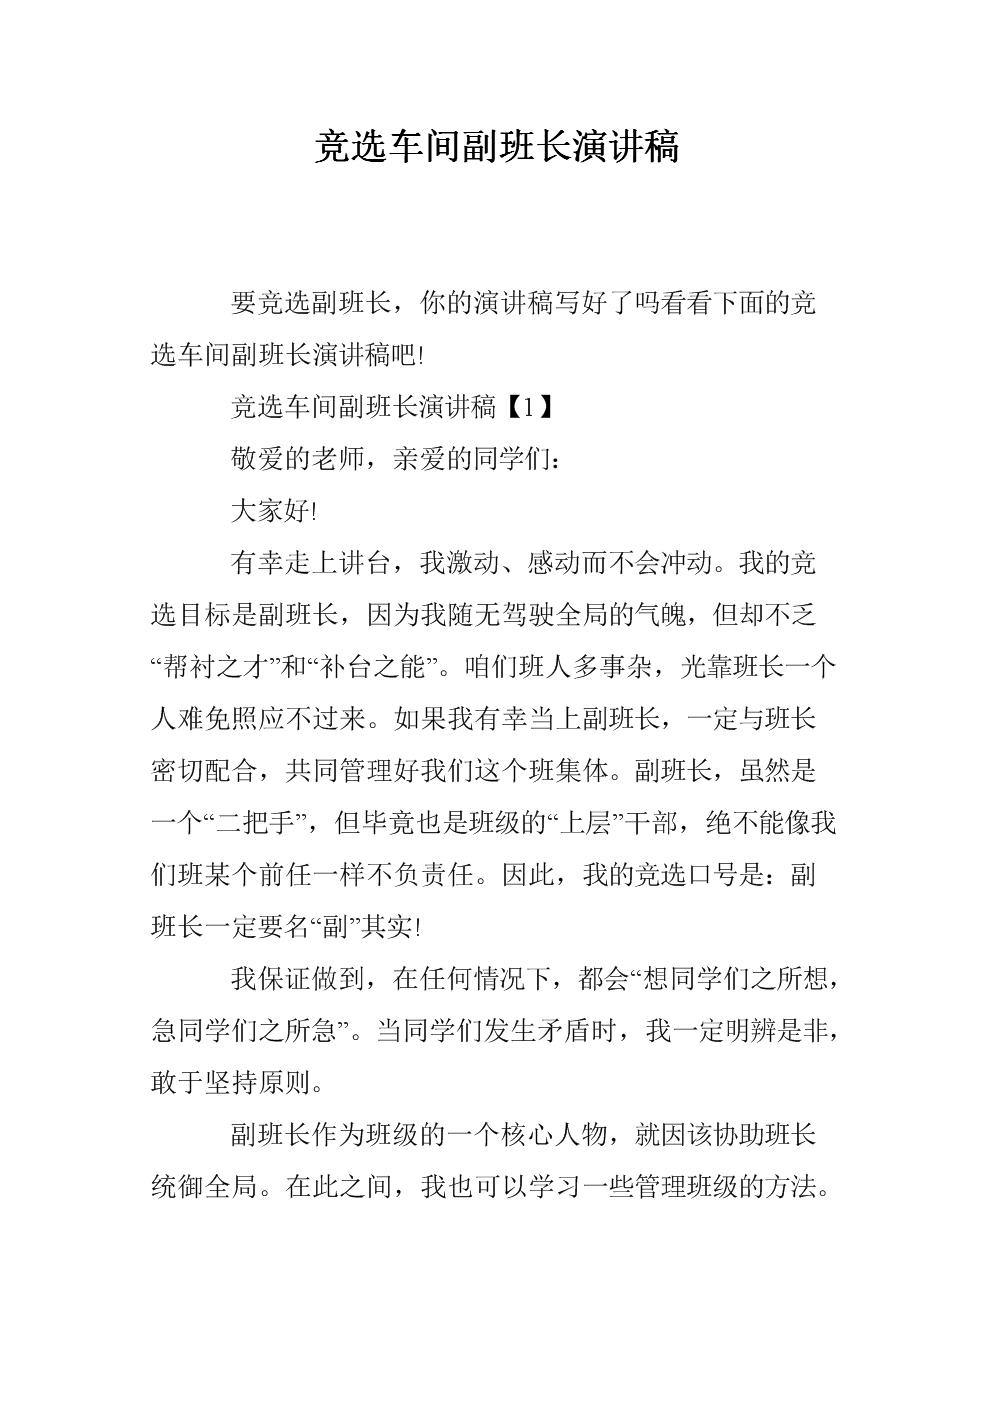 竞选班长副车间演讲稿.doc表格成绩单高中图片